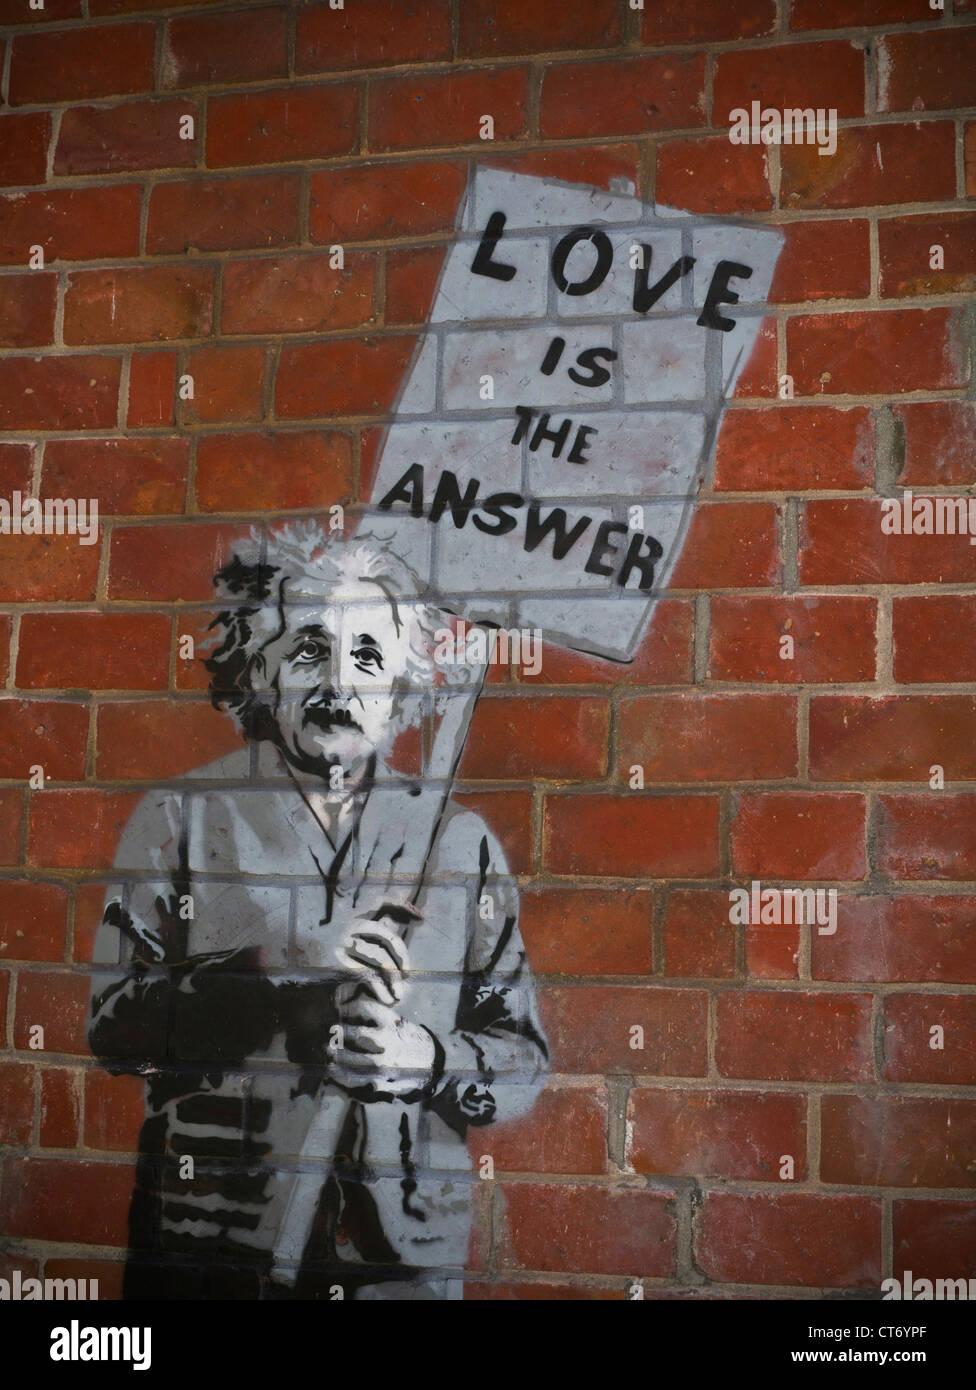 ALBERT EINSTEIN 'BANKSY' Street art on brick wall of Albert Einstein holding placard '' Love is the answer'' - Stock Image